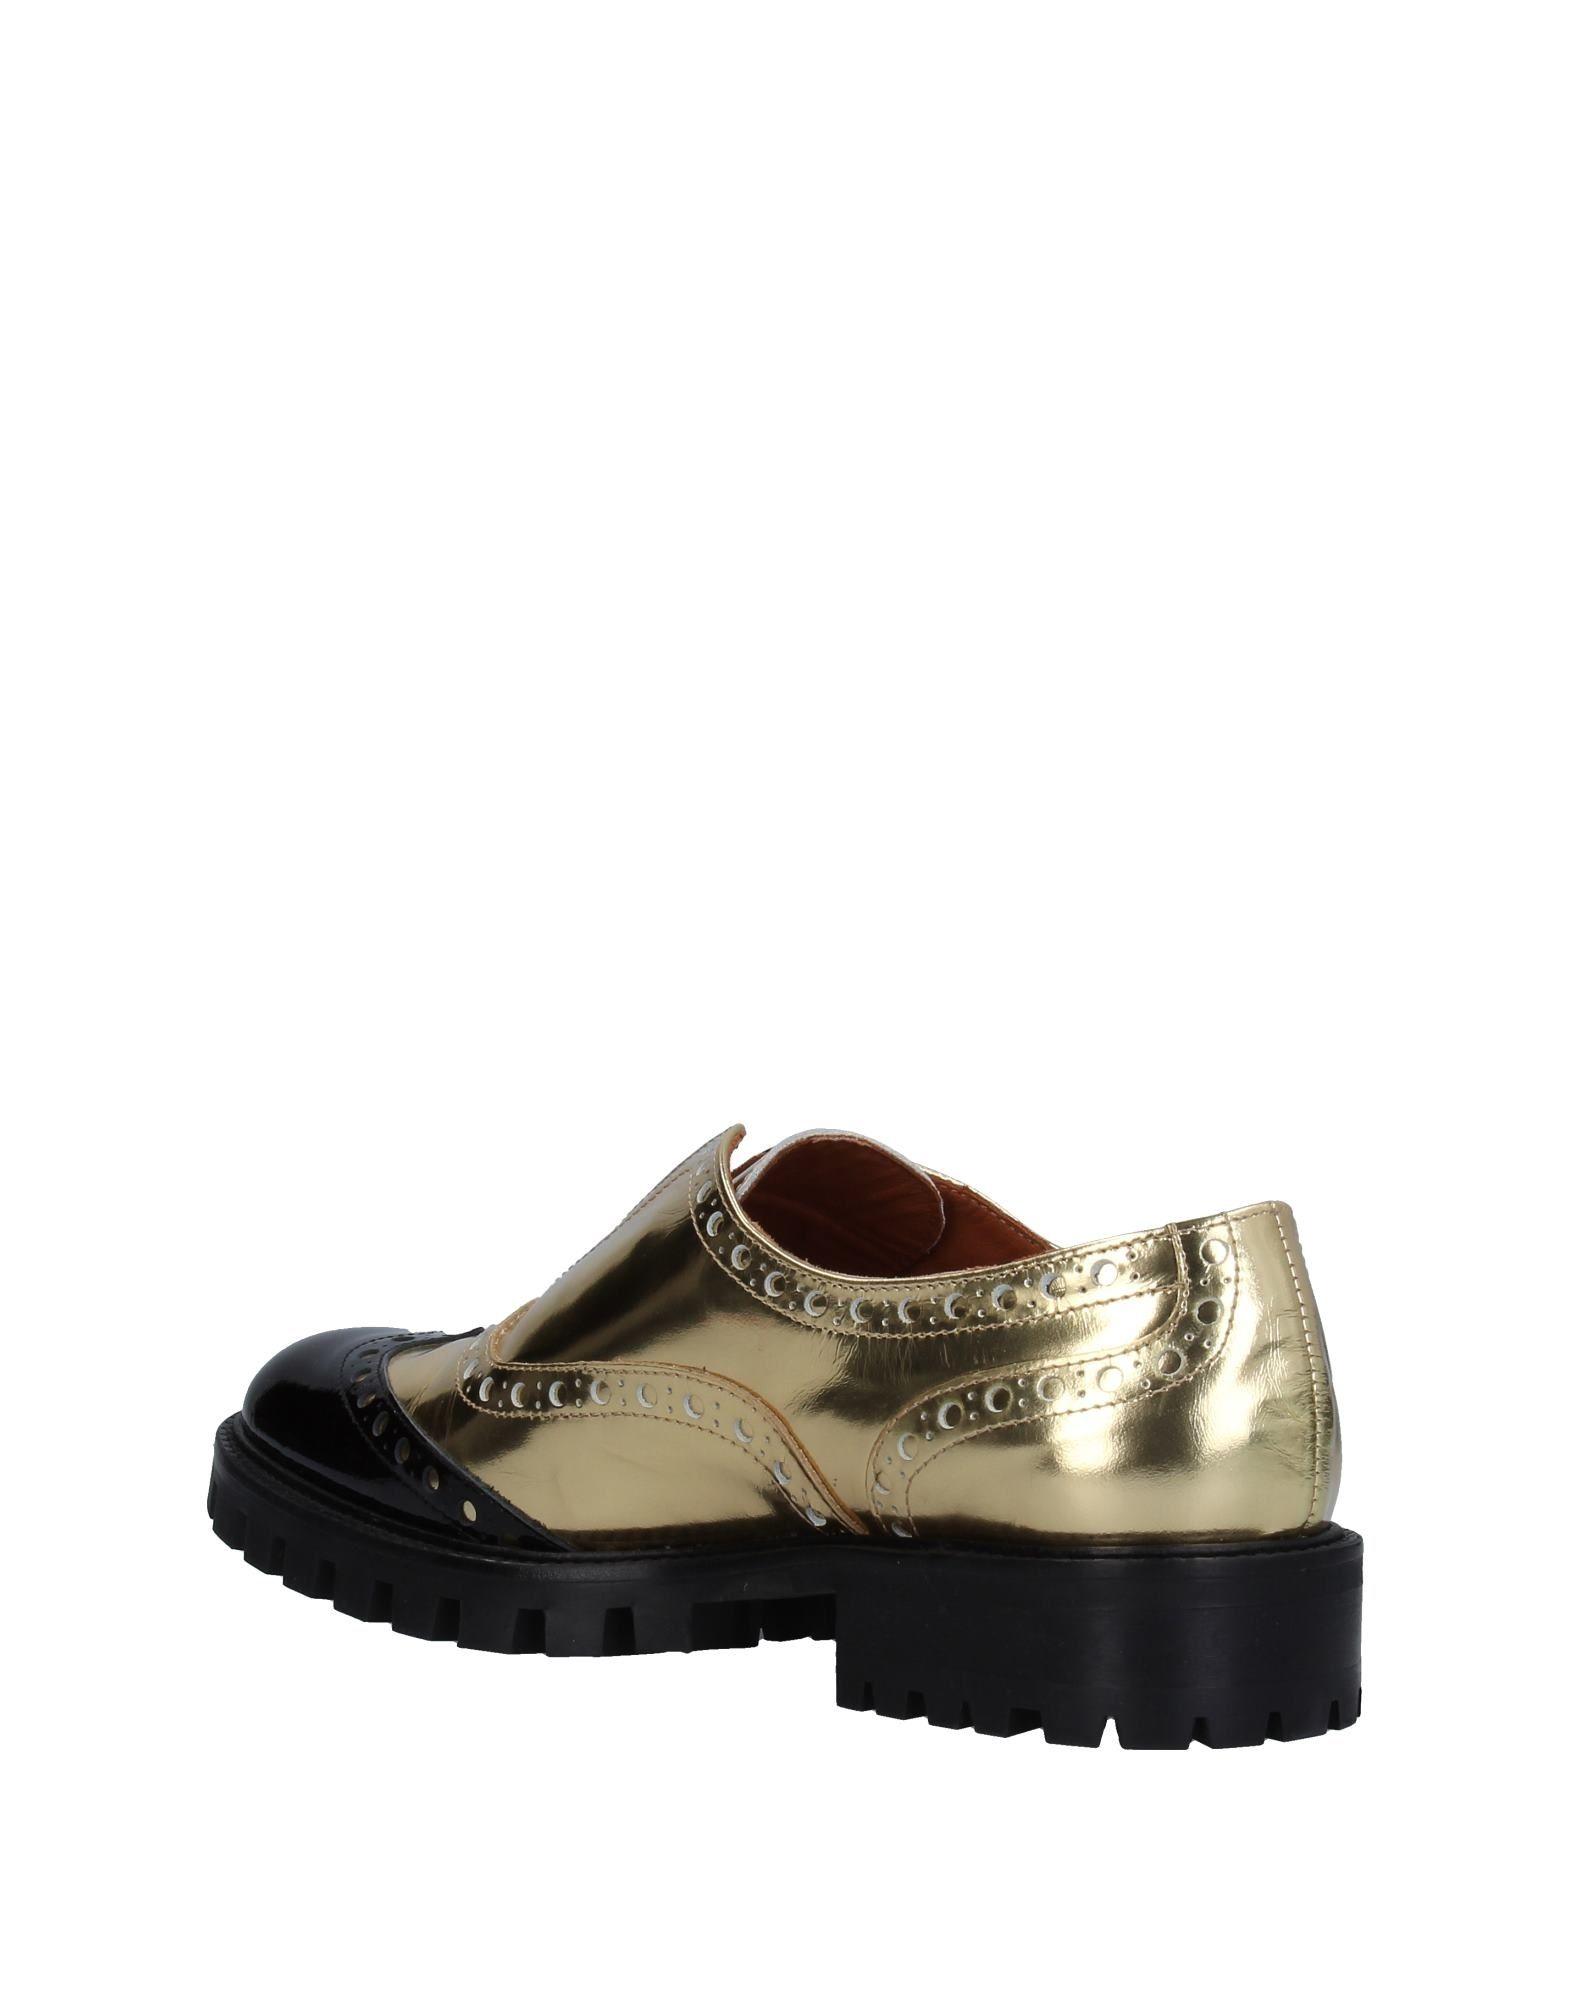 Ras 11334038RR Mokassins Damen  11334038RR Ras Gute Qualität beliebte Schuhe 618a4d